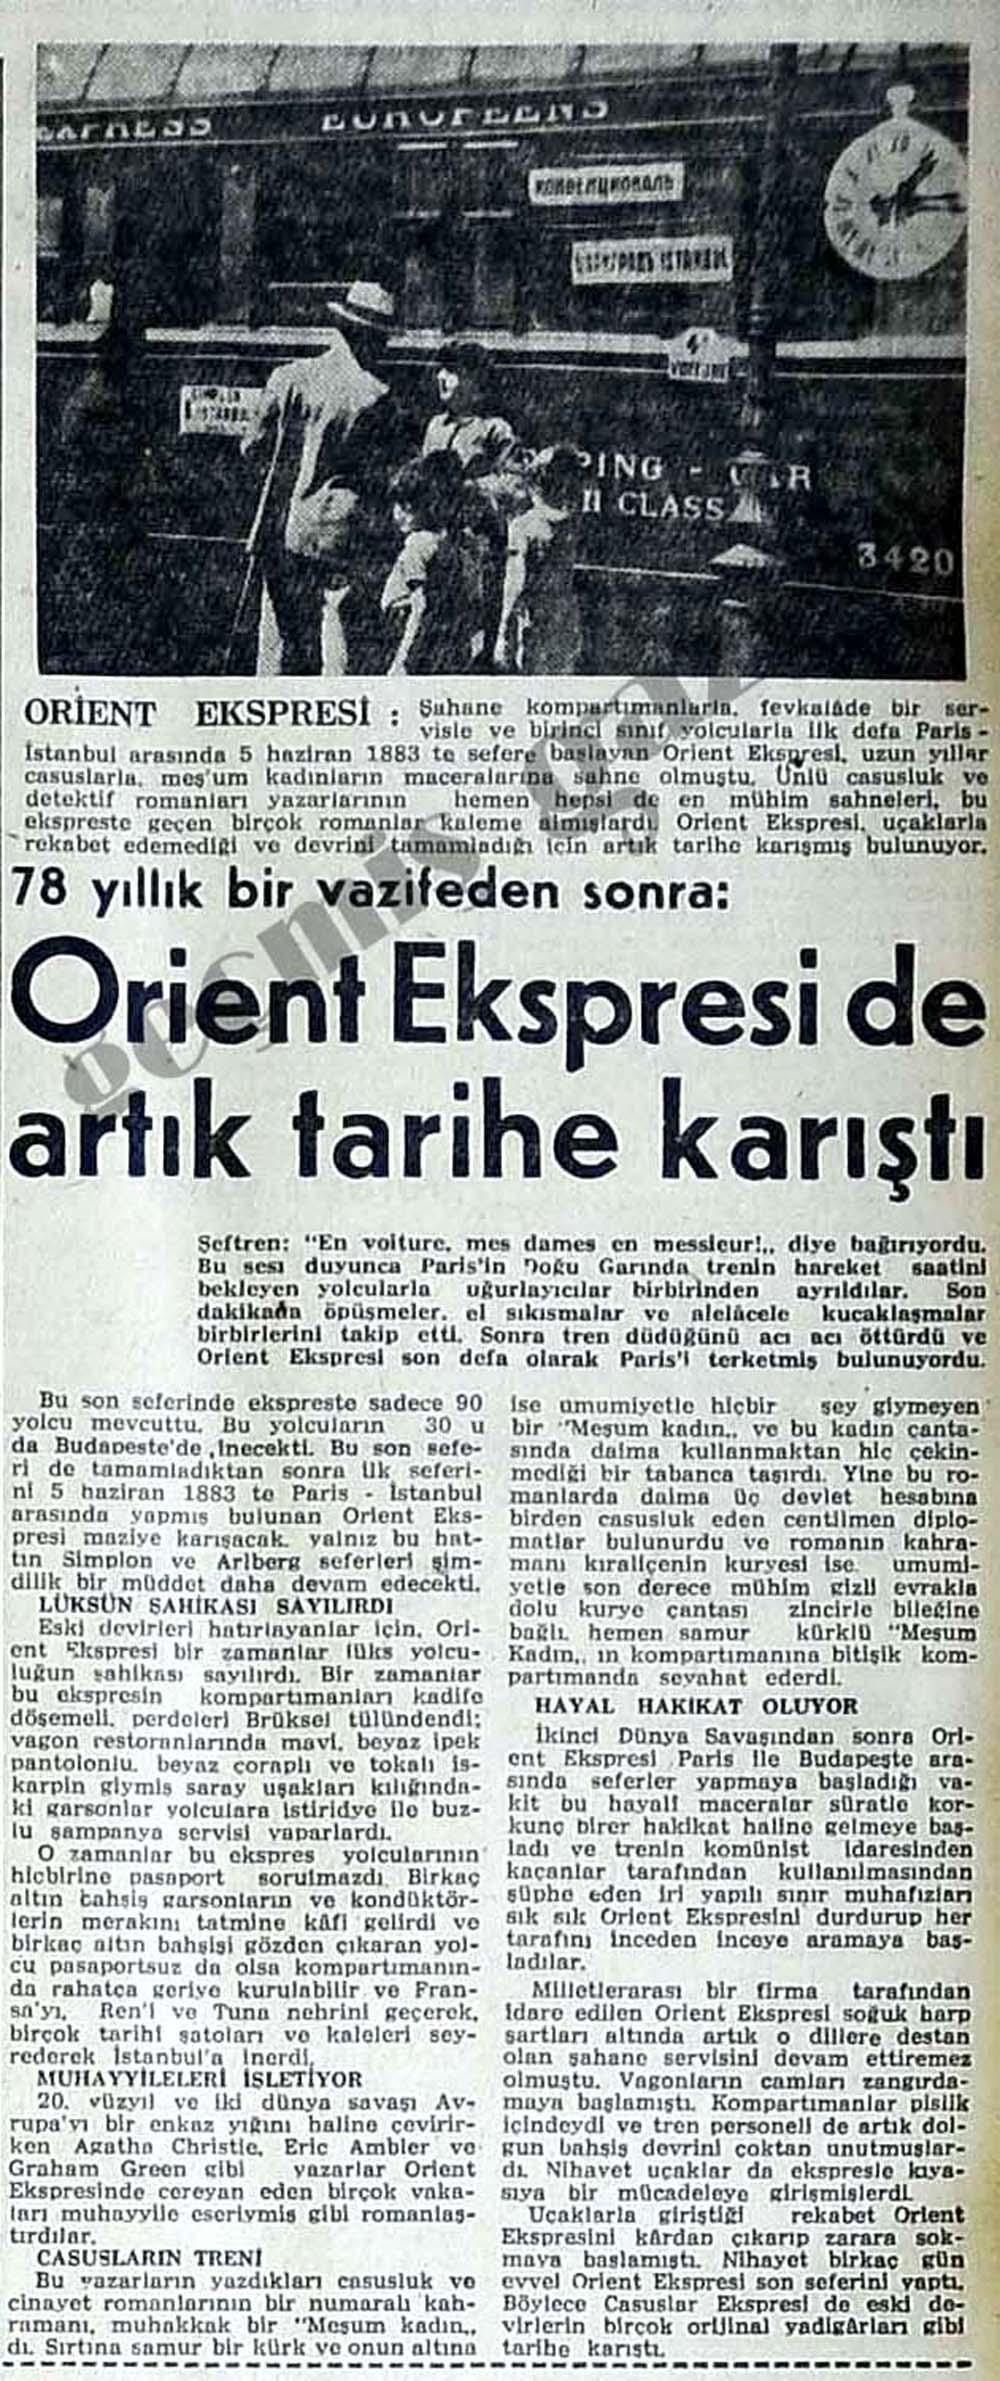 Orient Ekspresi de artık tarihe karıştı